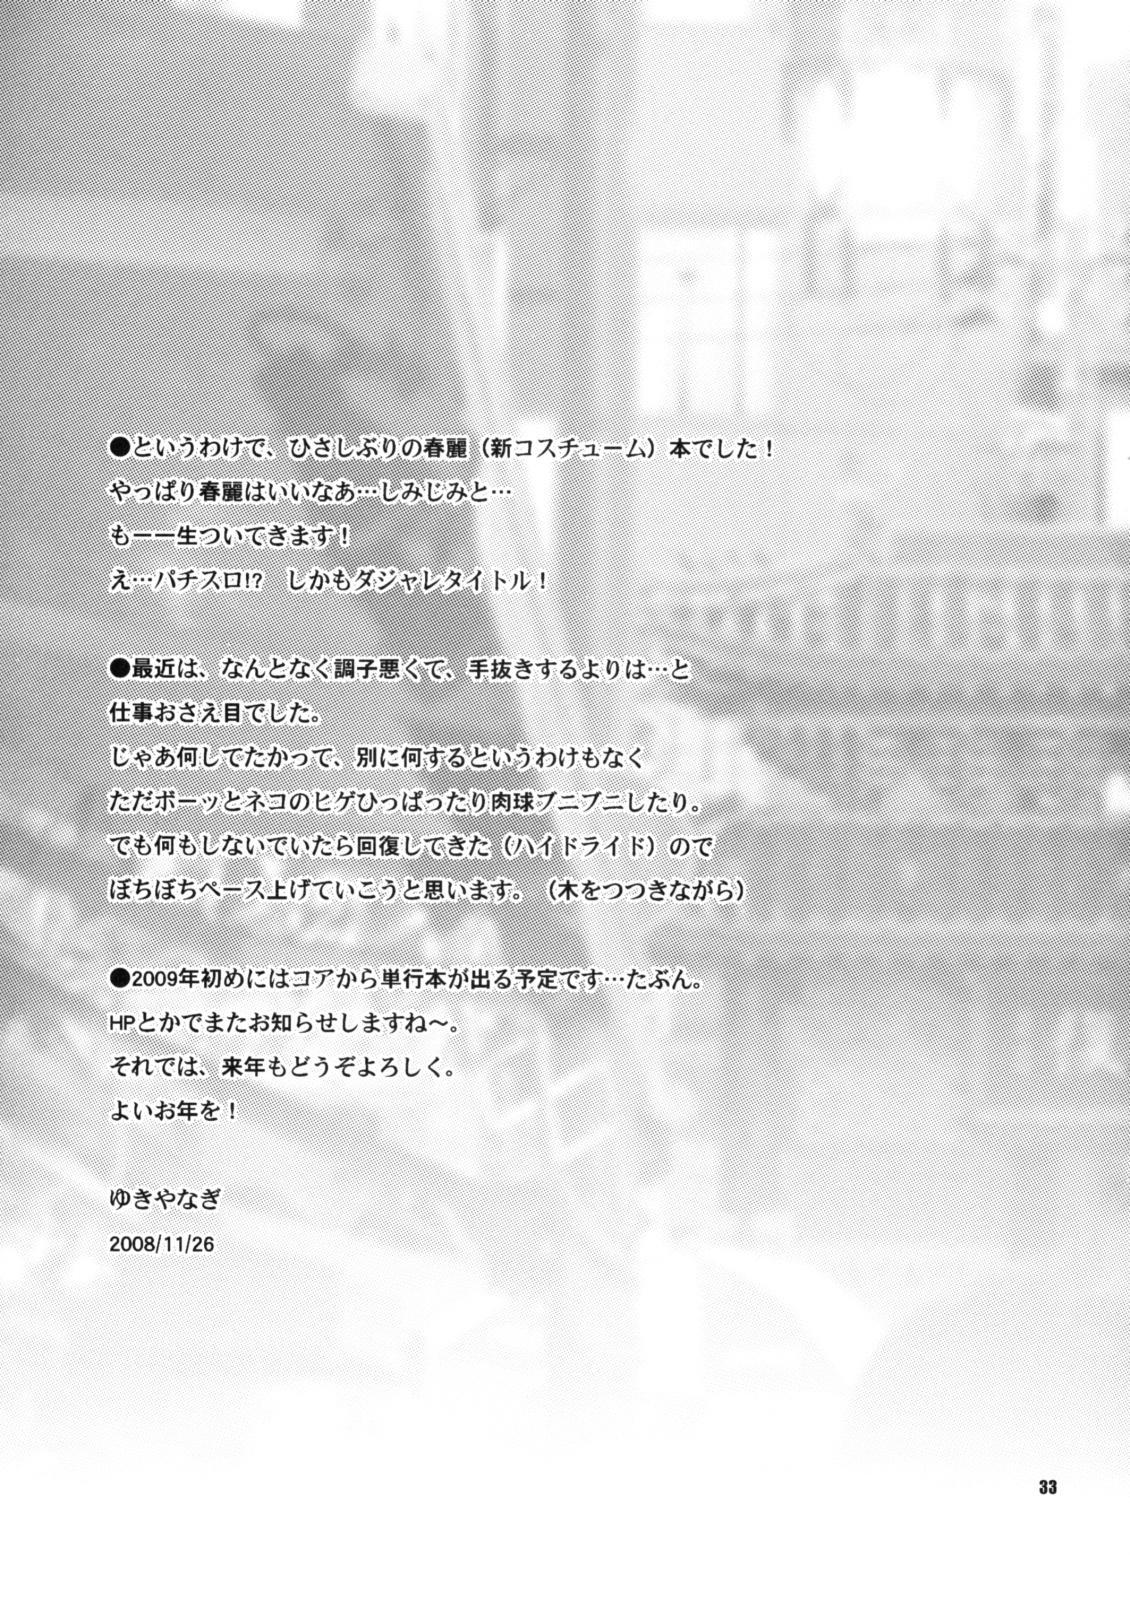 (C75) [Shallot Coco (Yukiyanagi)] Yukiyanagi no Hon 18 Chun-Li Keiji no Oppai Sousa | Detective Chun-Li's Boobie Investigation (Street Fighter) [English] [Hentai from Hell] 31